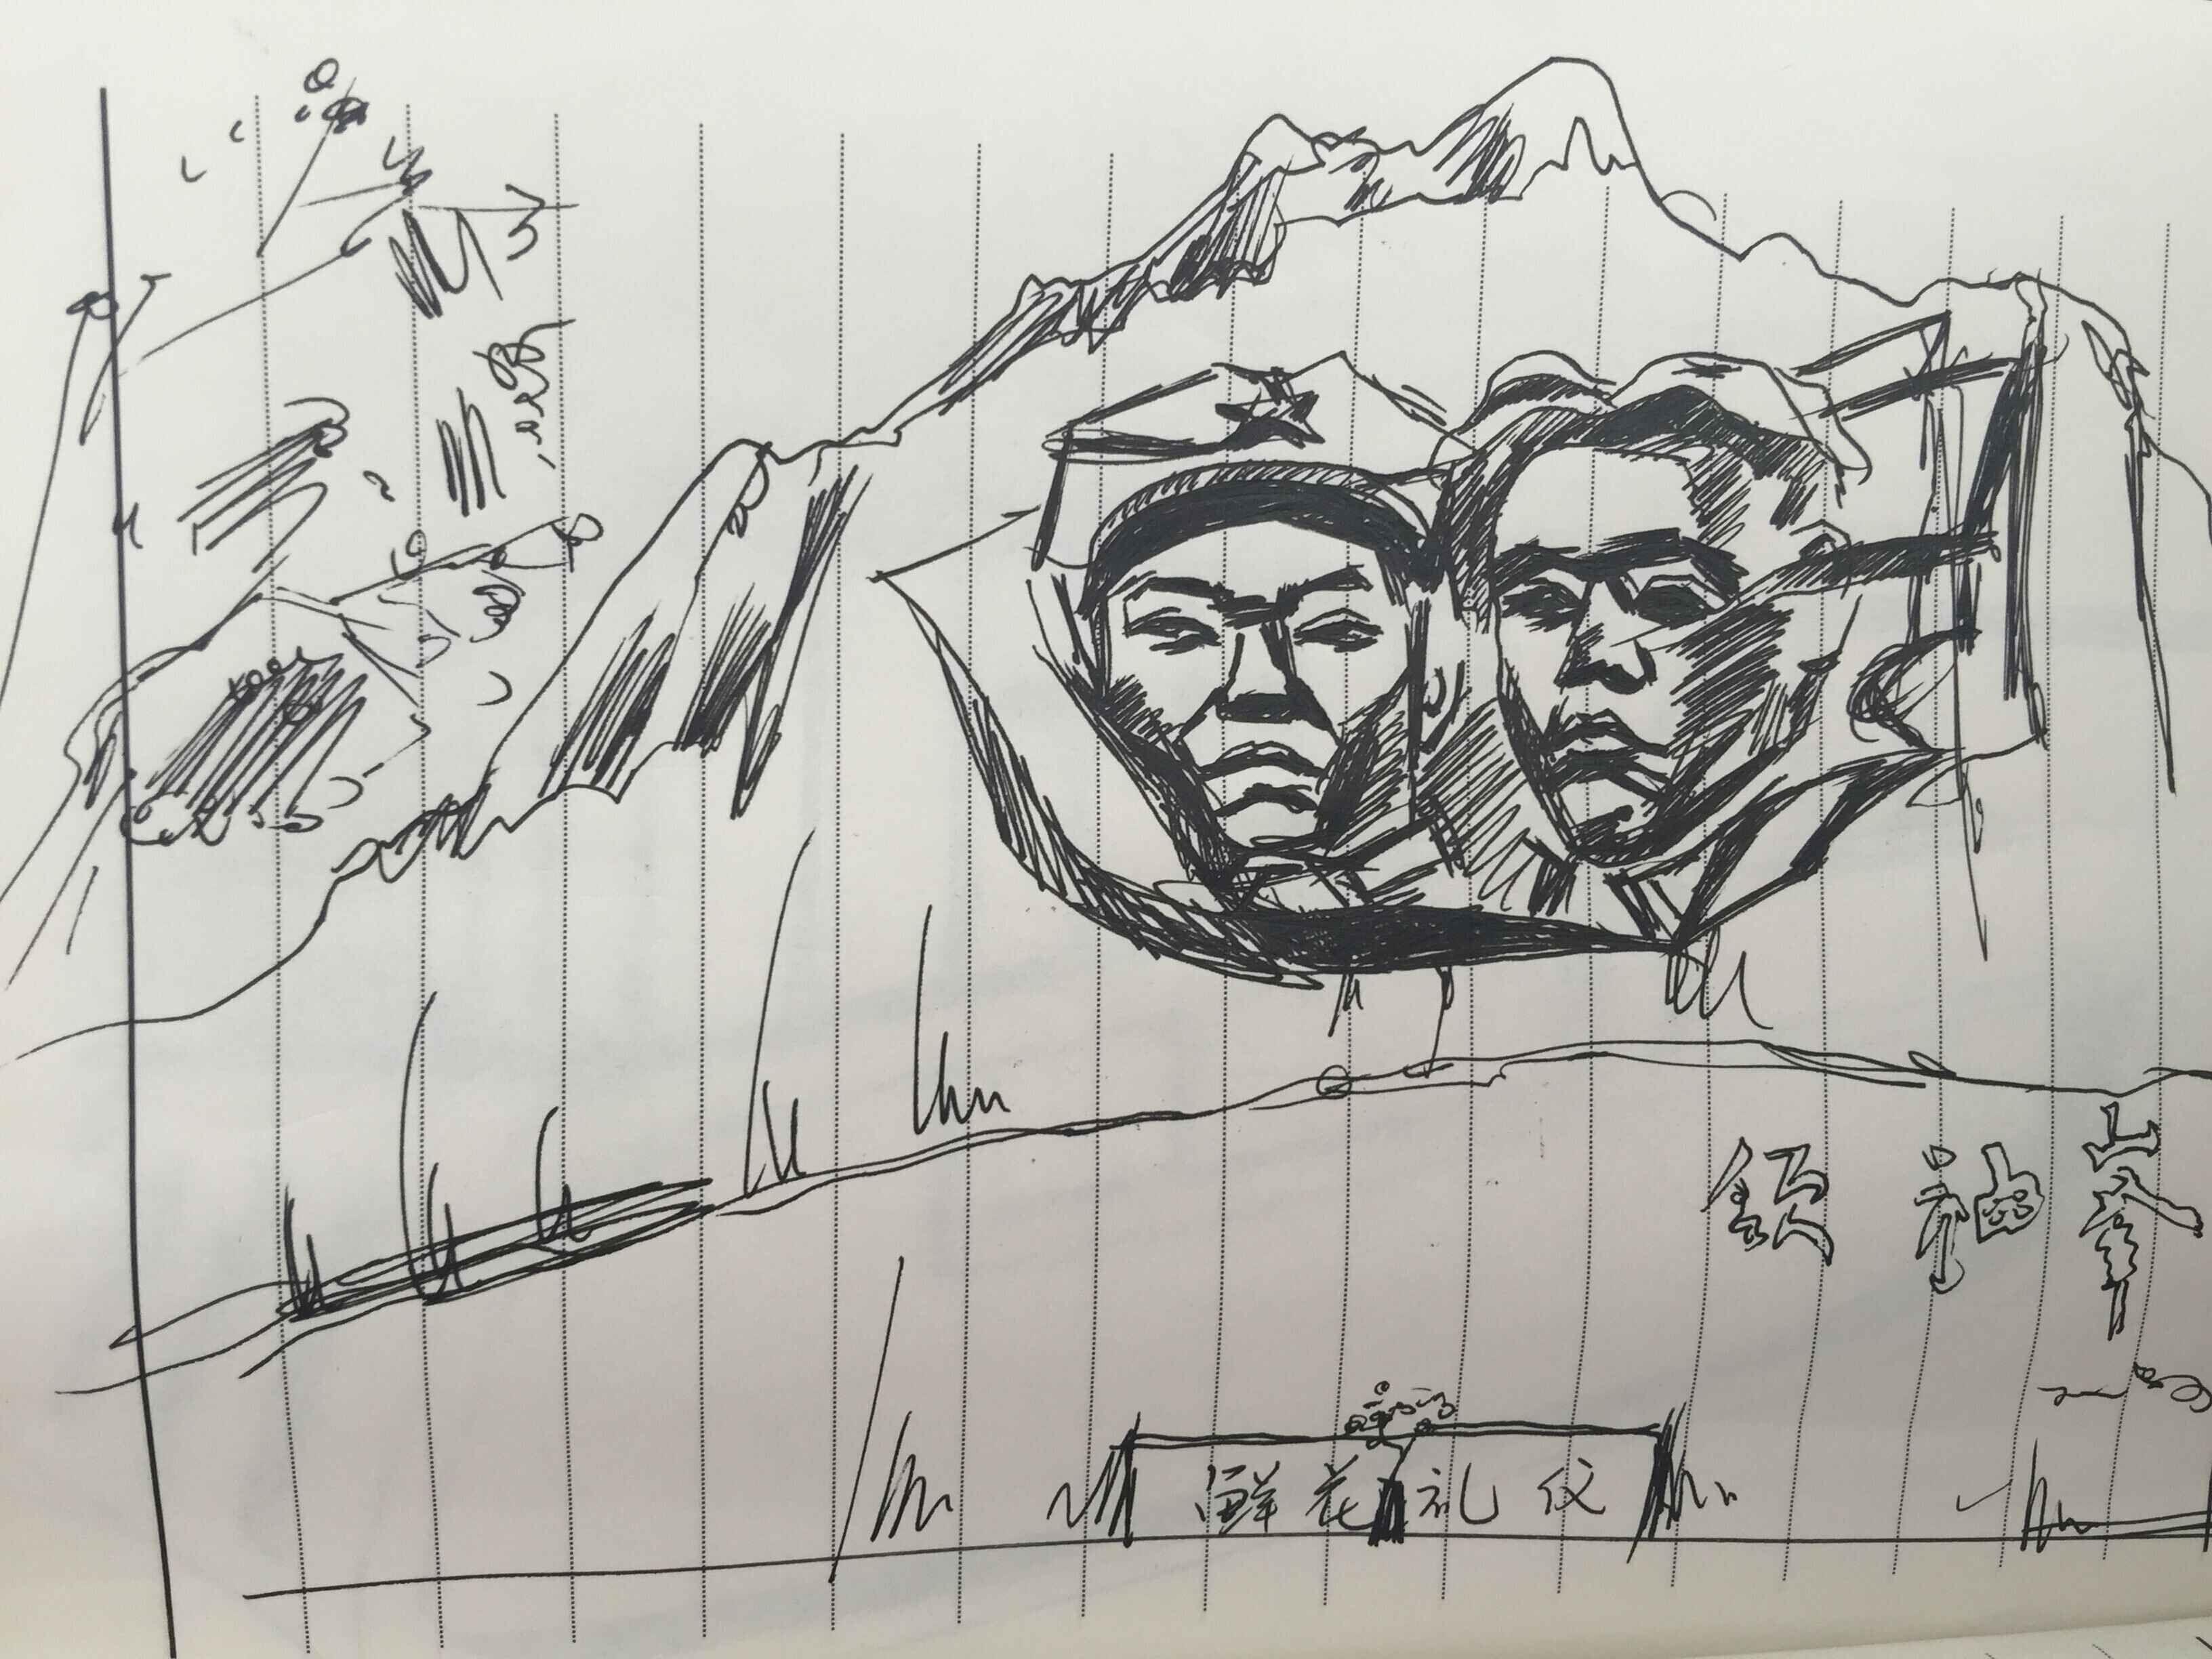 手绘漫画:我们的井冈日记_全国青少年井冈山革命传统